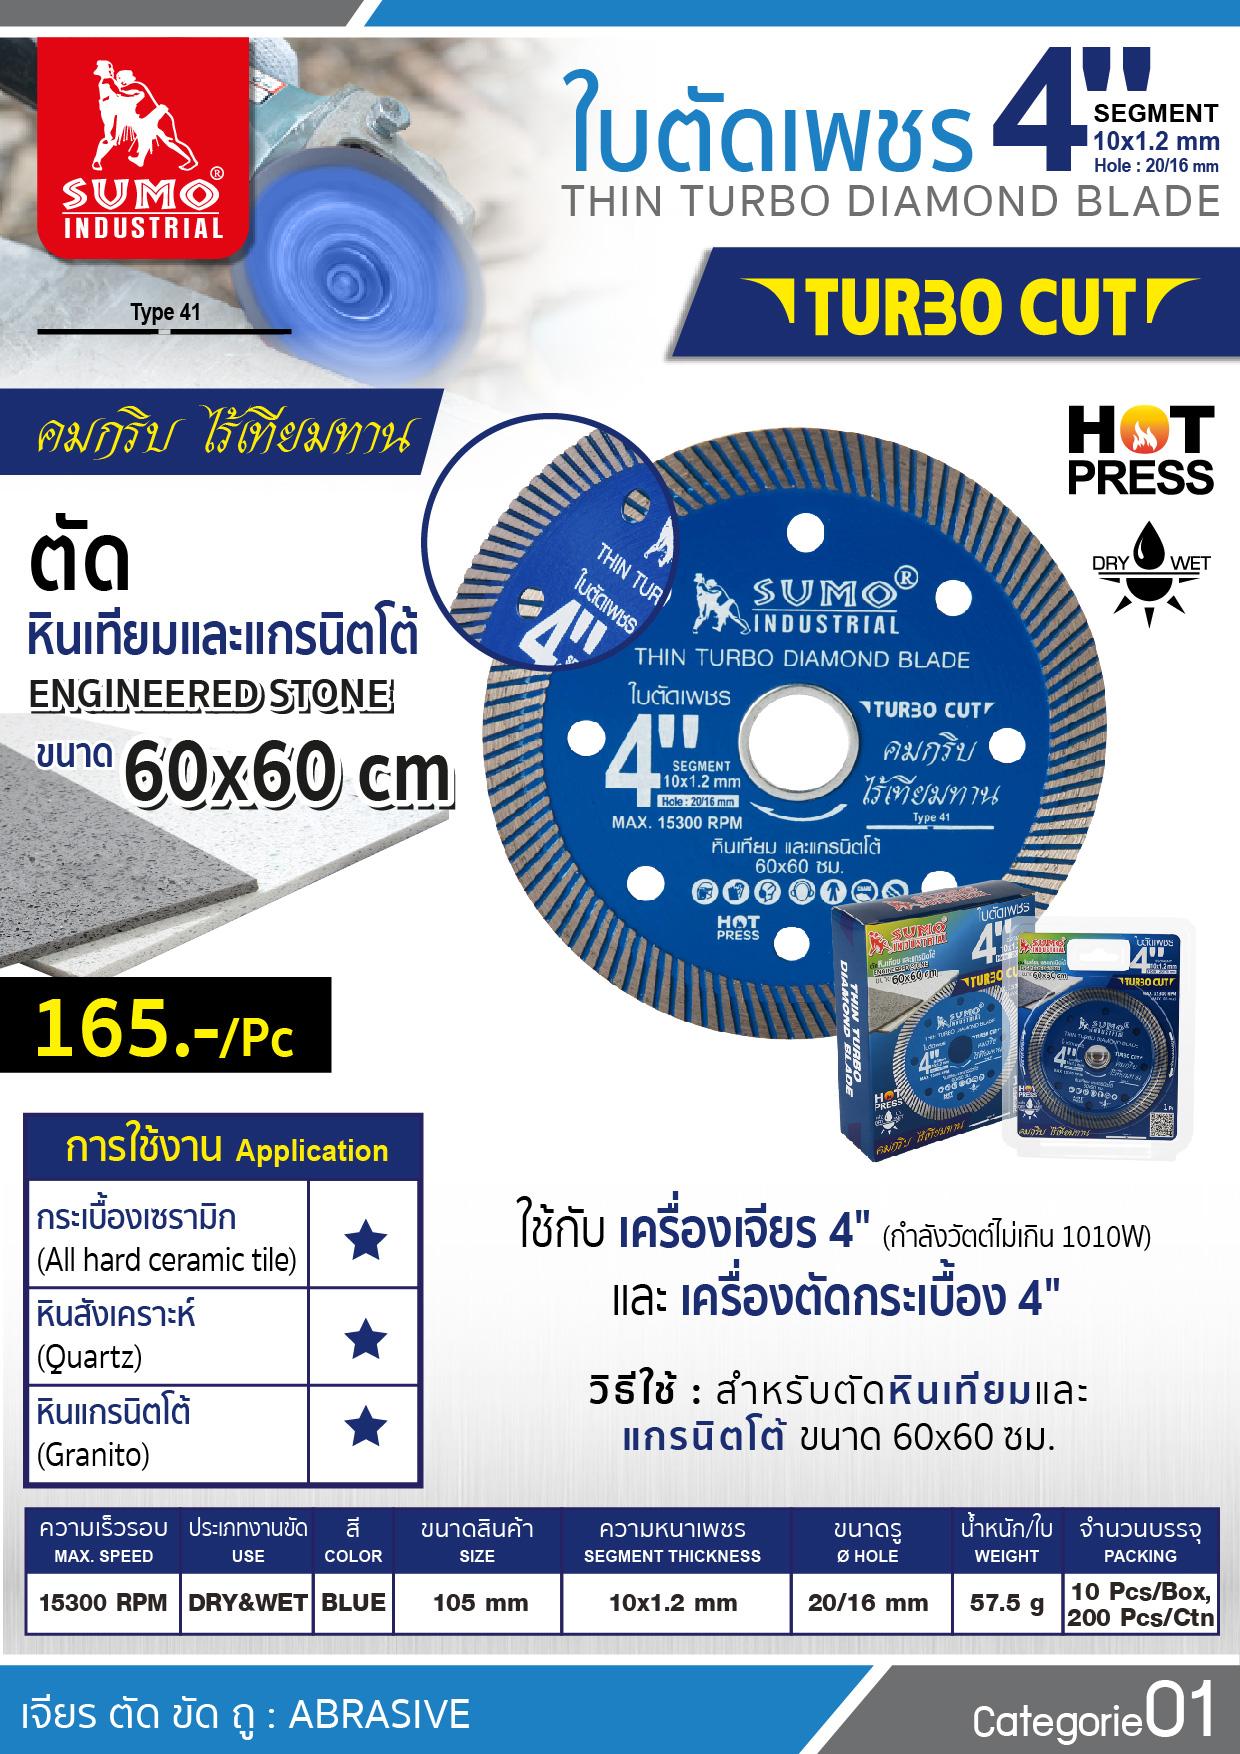 (37/167) ใบตัดเพชร Turbo Cut